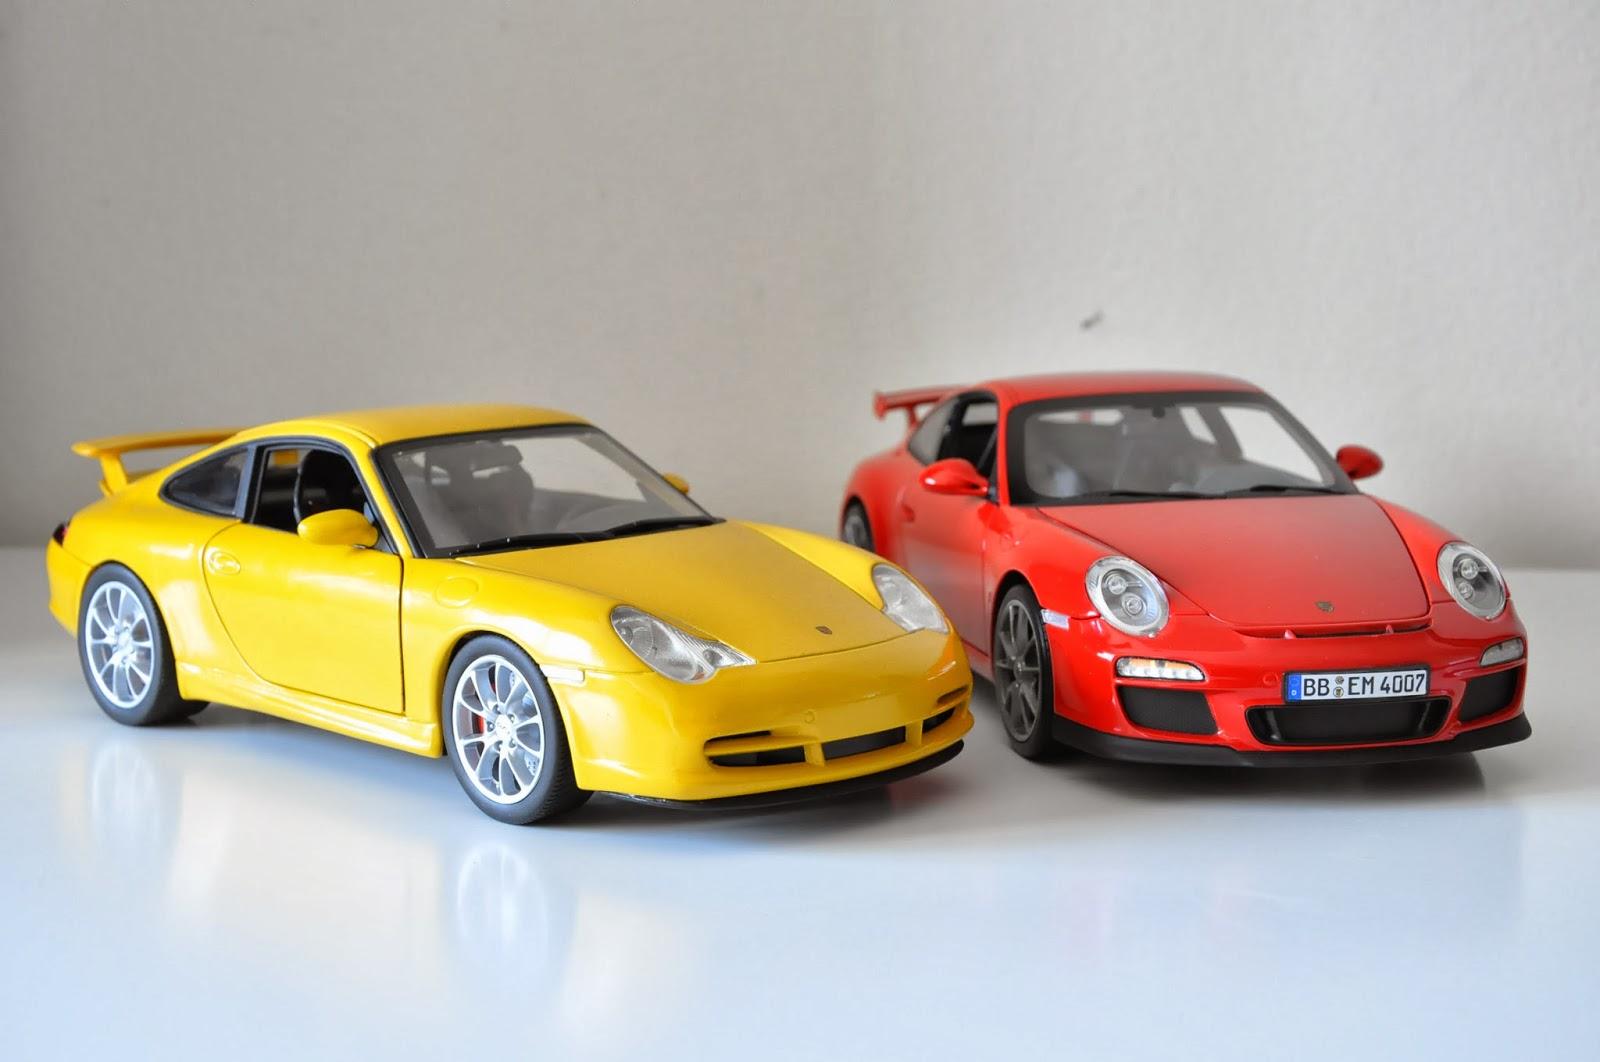 1 18 Hotwheels Porsche Gt3 996 Vs Norev Porsche Gt3 997 2 Erictoys Blogspot Com